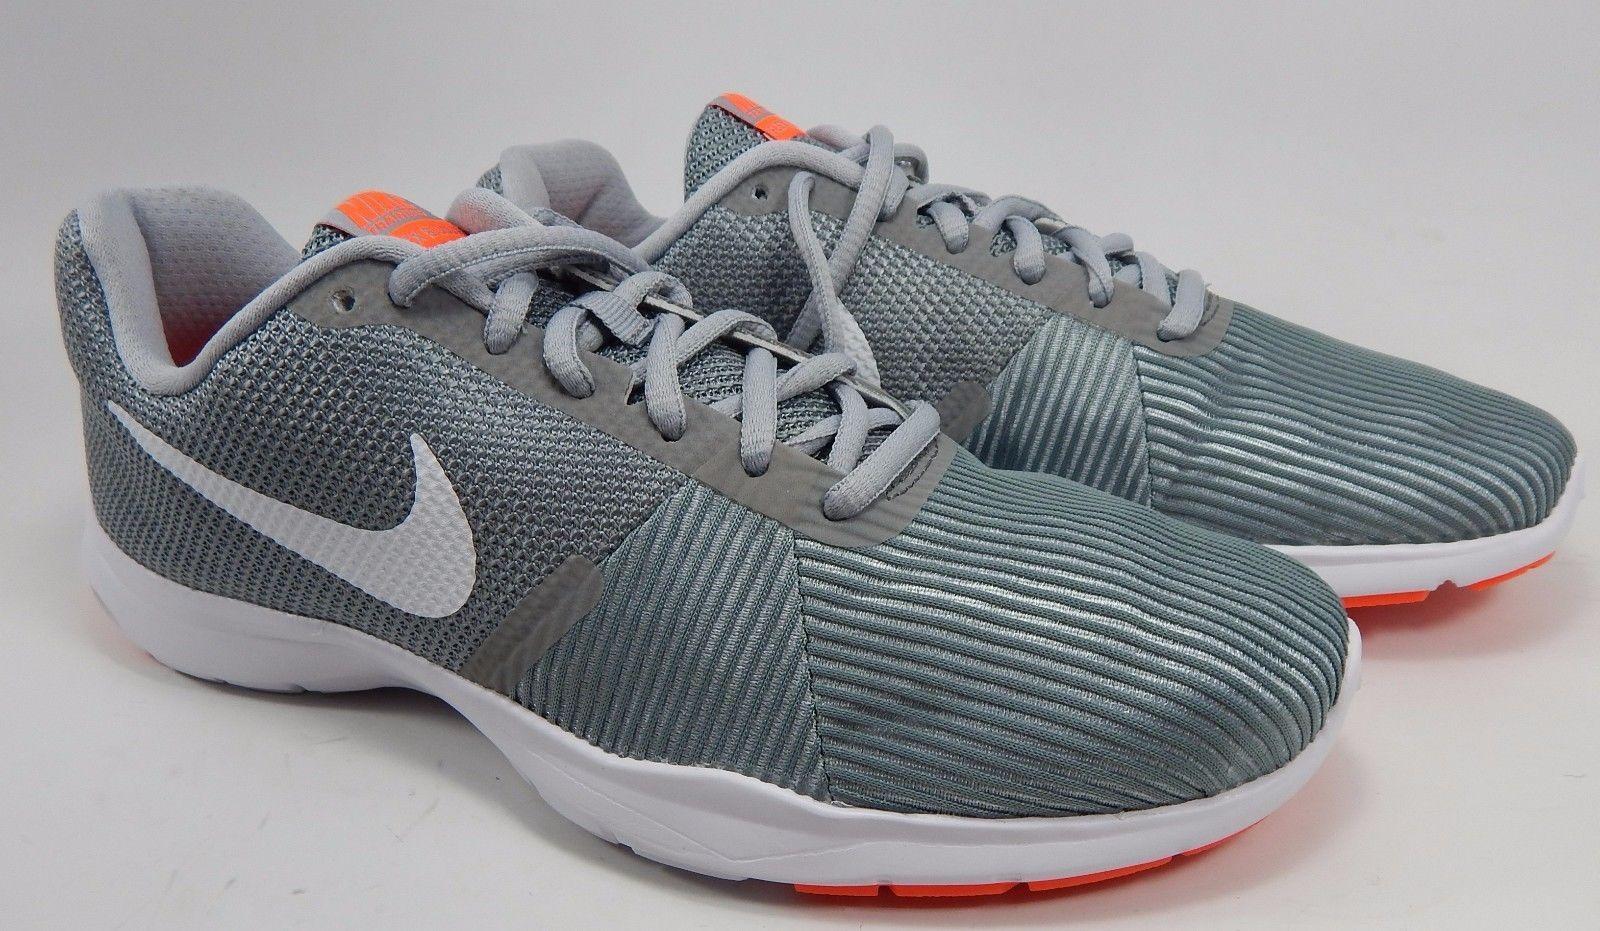 Nike Flex Bijoux Women's Running Shoes Size US 9 M (B) EU 40.5 Silver 881863-002